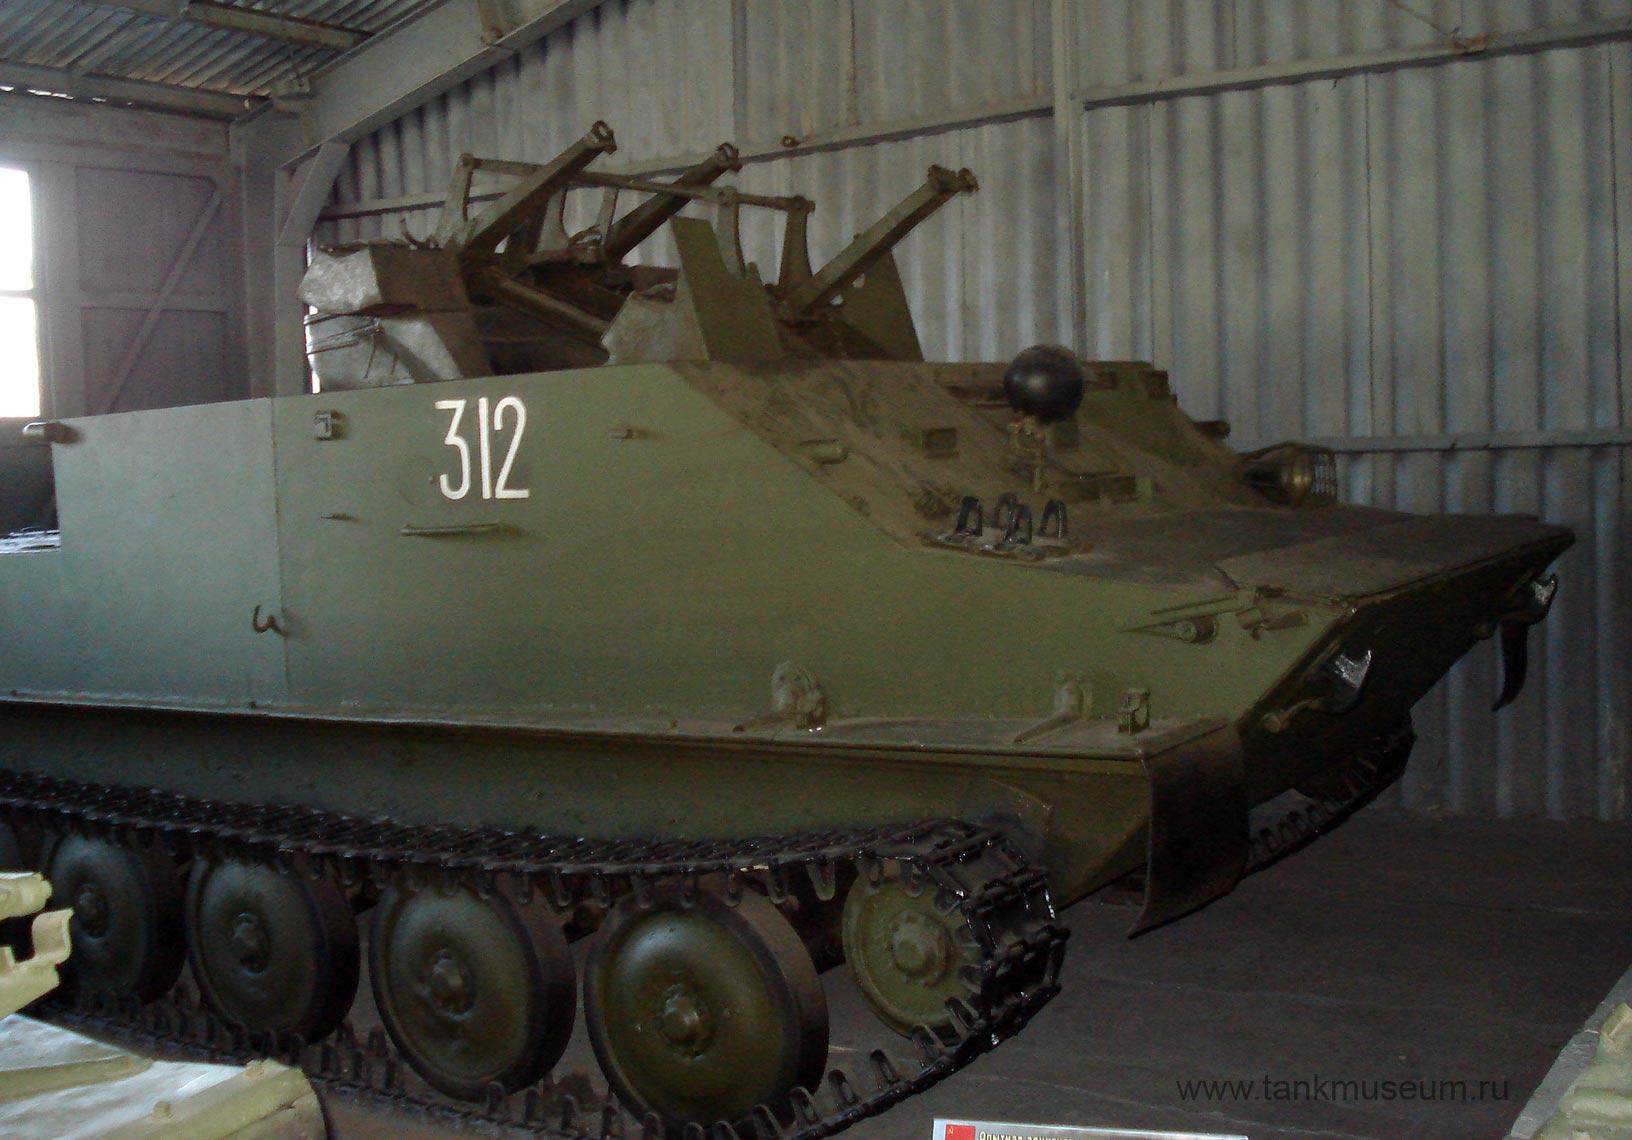 Зенитная самоходная установка ЗПТУ-4 на БТР-50П танковый музей в Кубинке